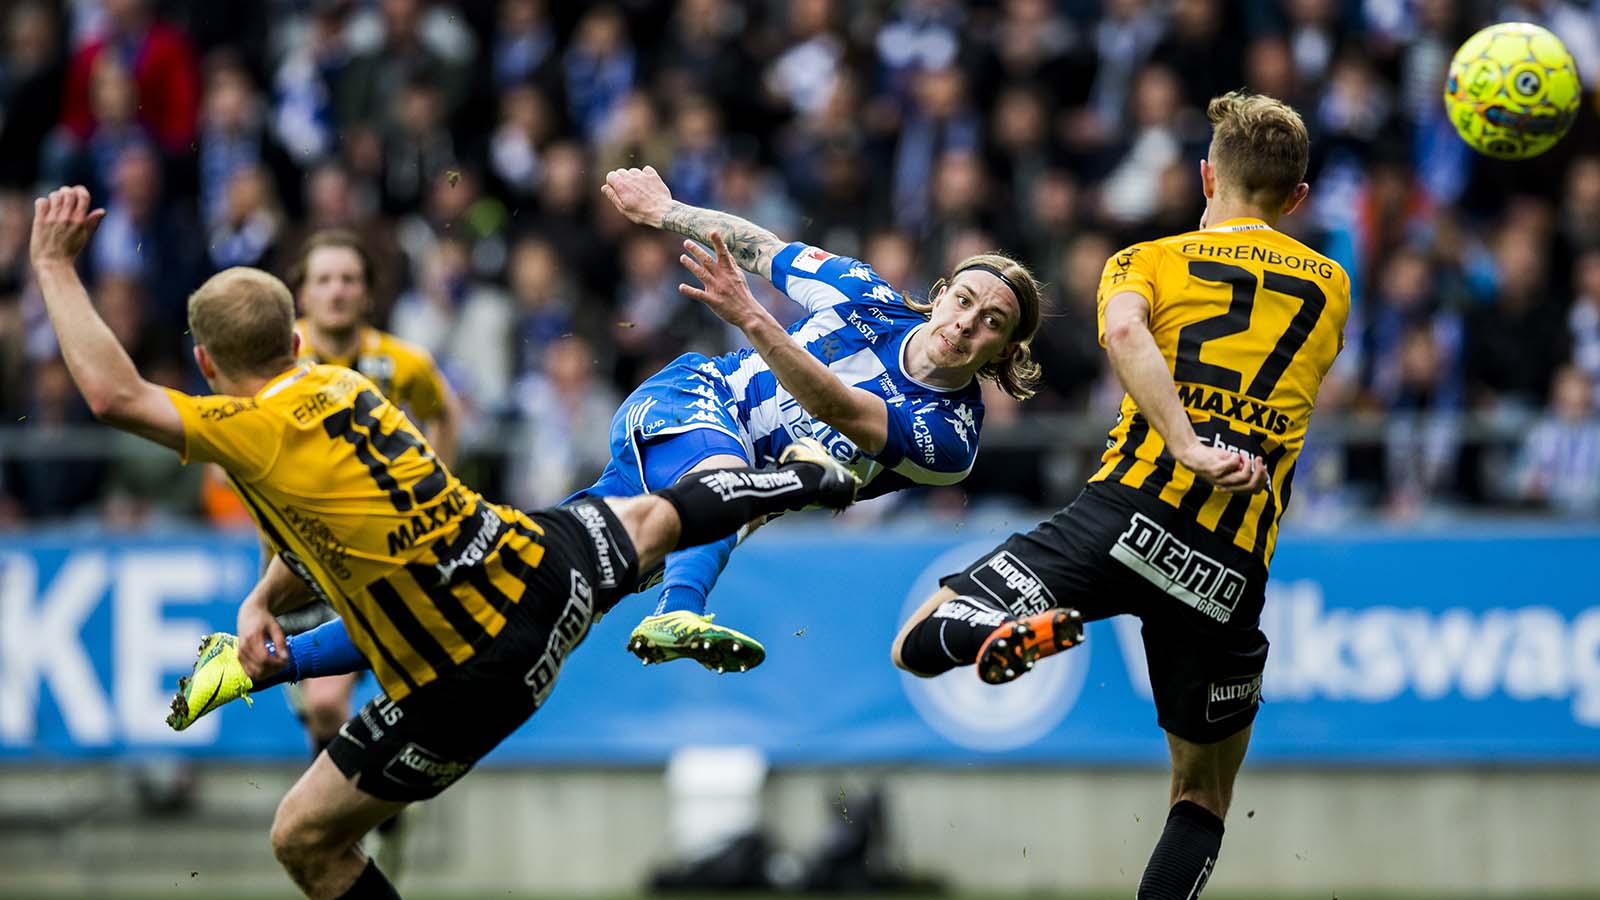 180428 IFK Göteborgs Elias Mar Omarsson gör 2-0 under fotbollsmatchen i allsvenskan mellan IFK Göteborg och Häcken den 28 april 2018 i Göteborg. Foto: Michael Erichsen / BILDBYRÅN / Cop 89